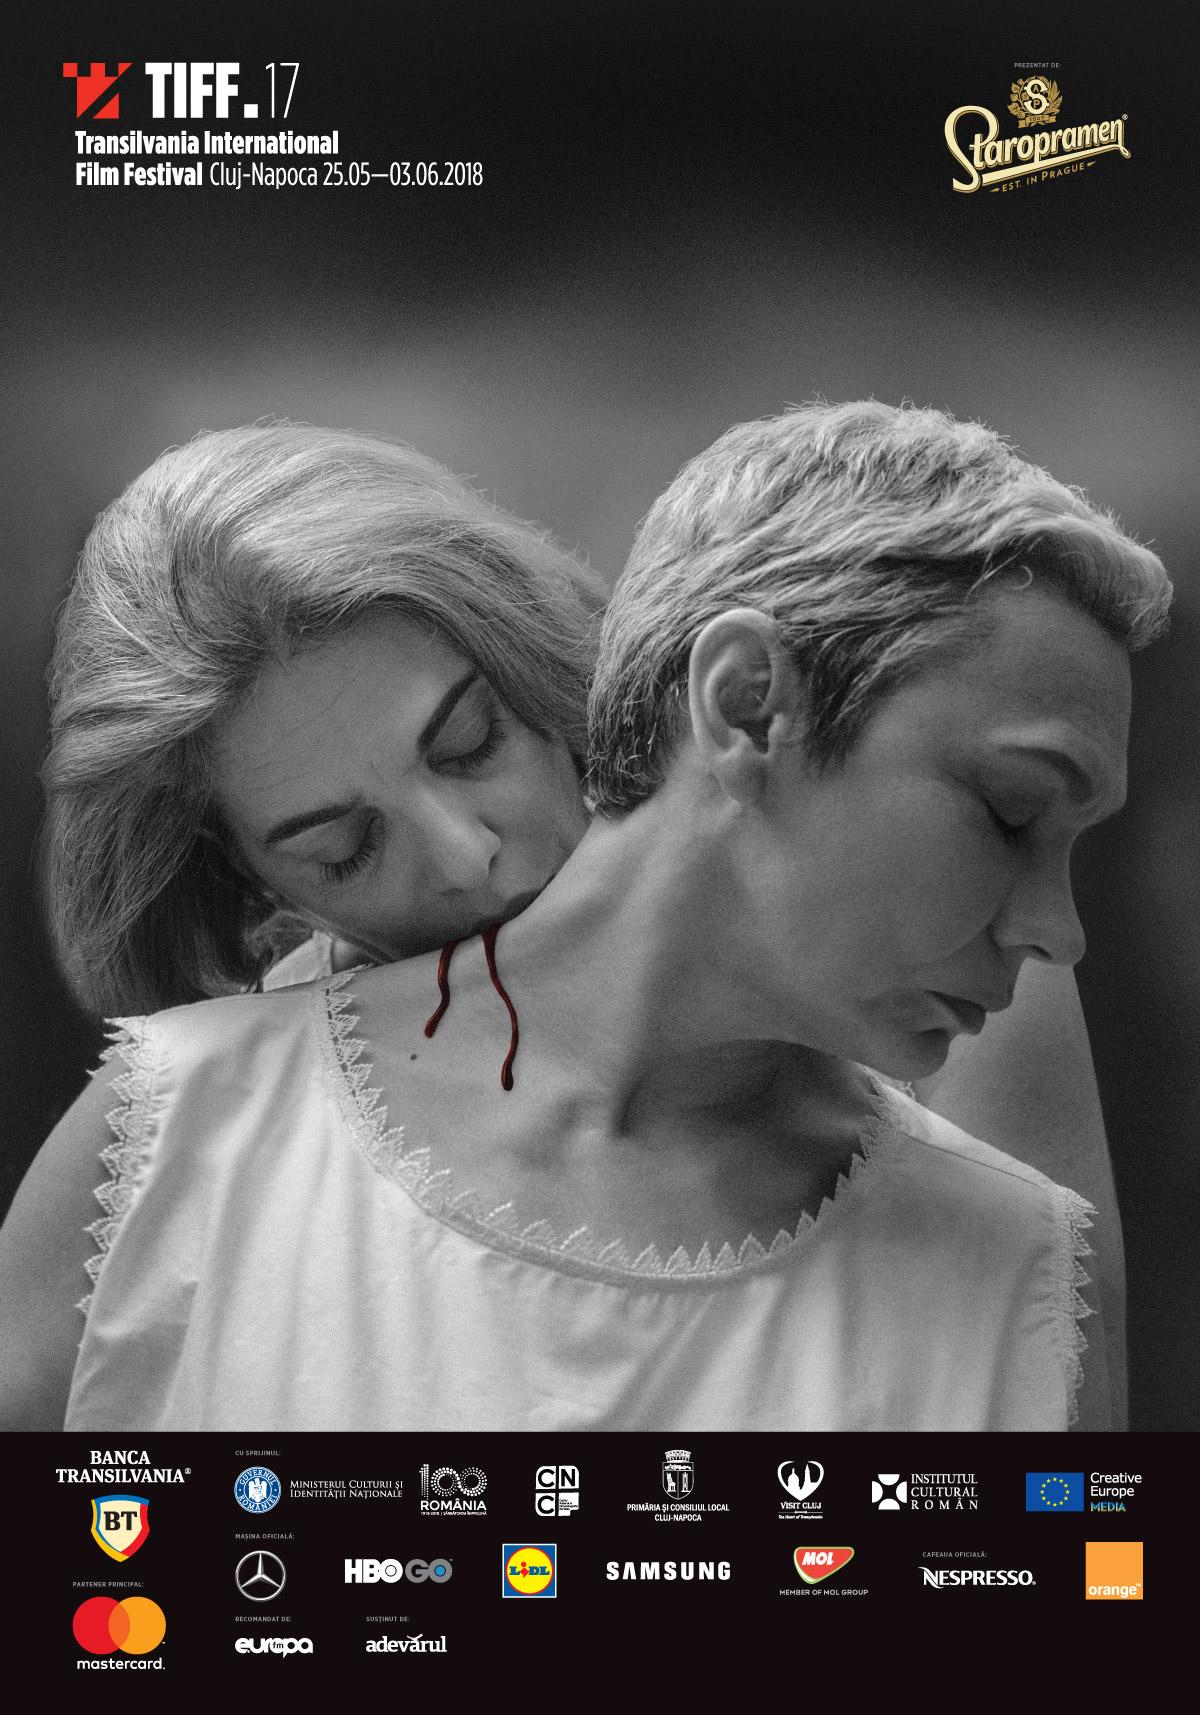 Afişul oficial TIFF 2018, un omagiu adus filmului iconic Persona, cu actriţele Oana Pellea şi Maia Morgenstern